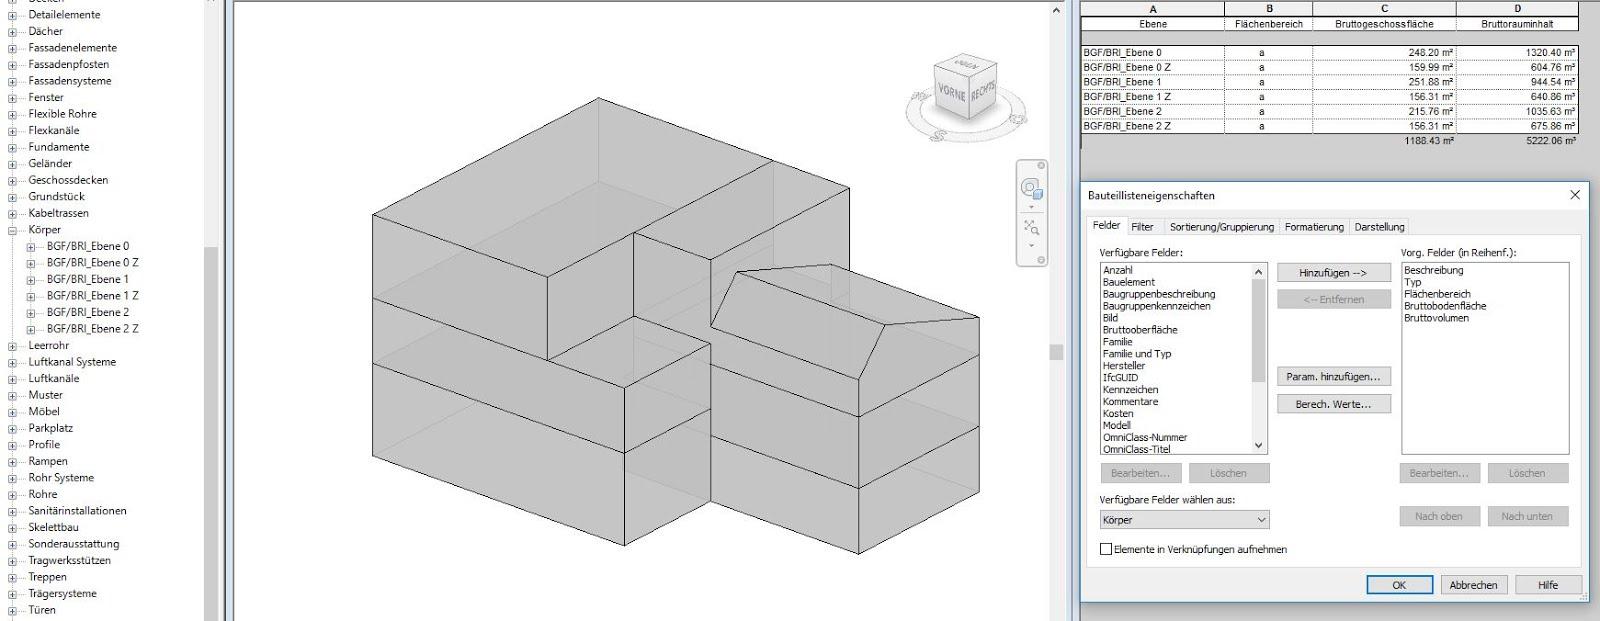 cad building information modeling revit bgf bri. Black Bedroom Furniture Sets. Home Design Ideas